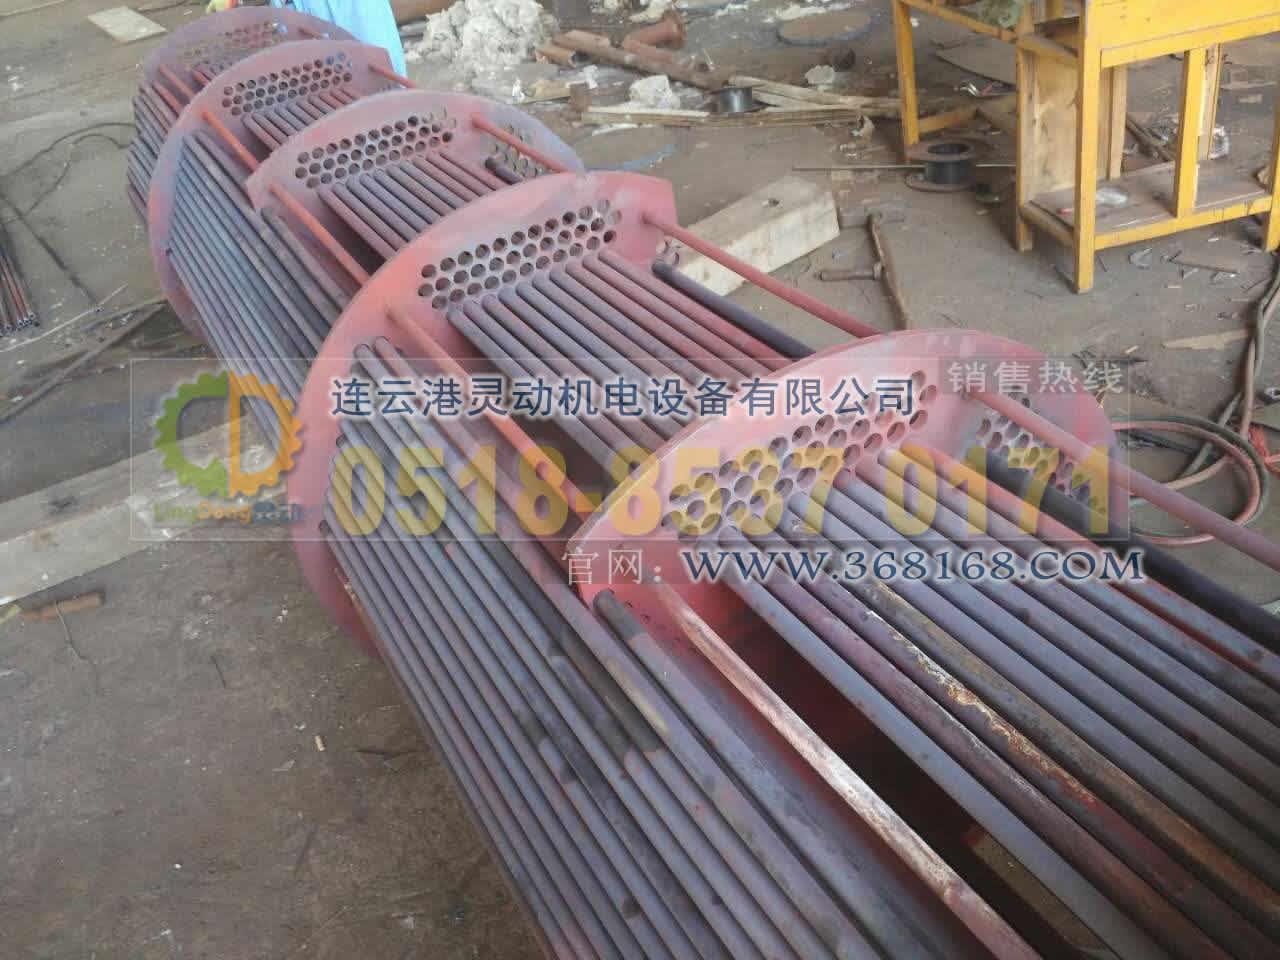 高压加热器锅炉管20GU型管换管改造